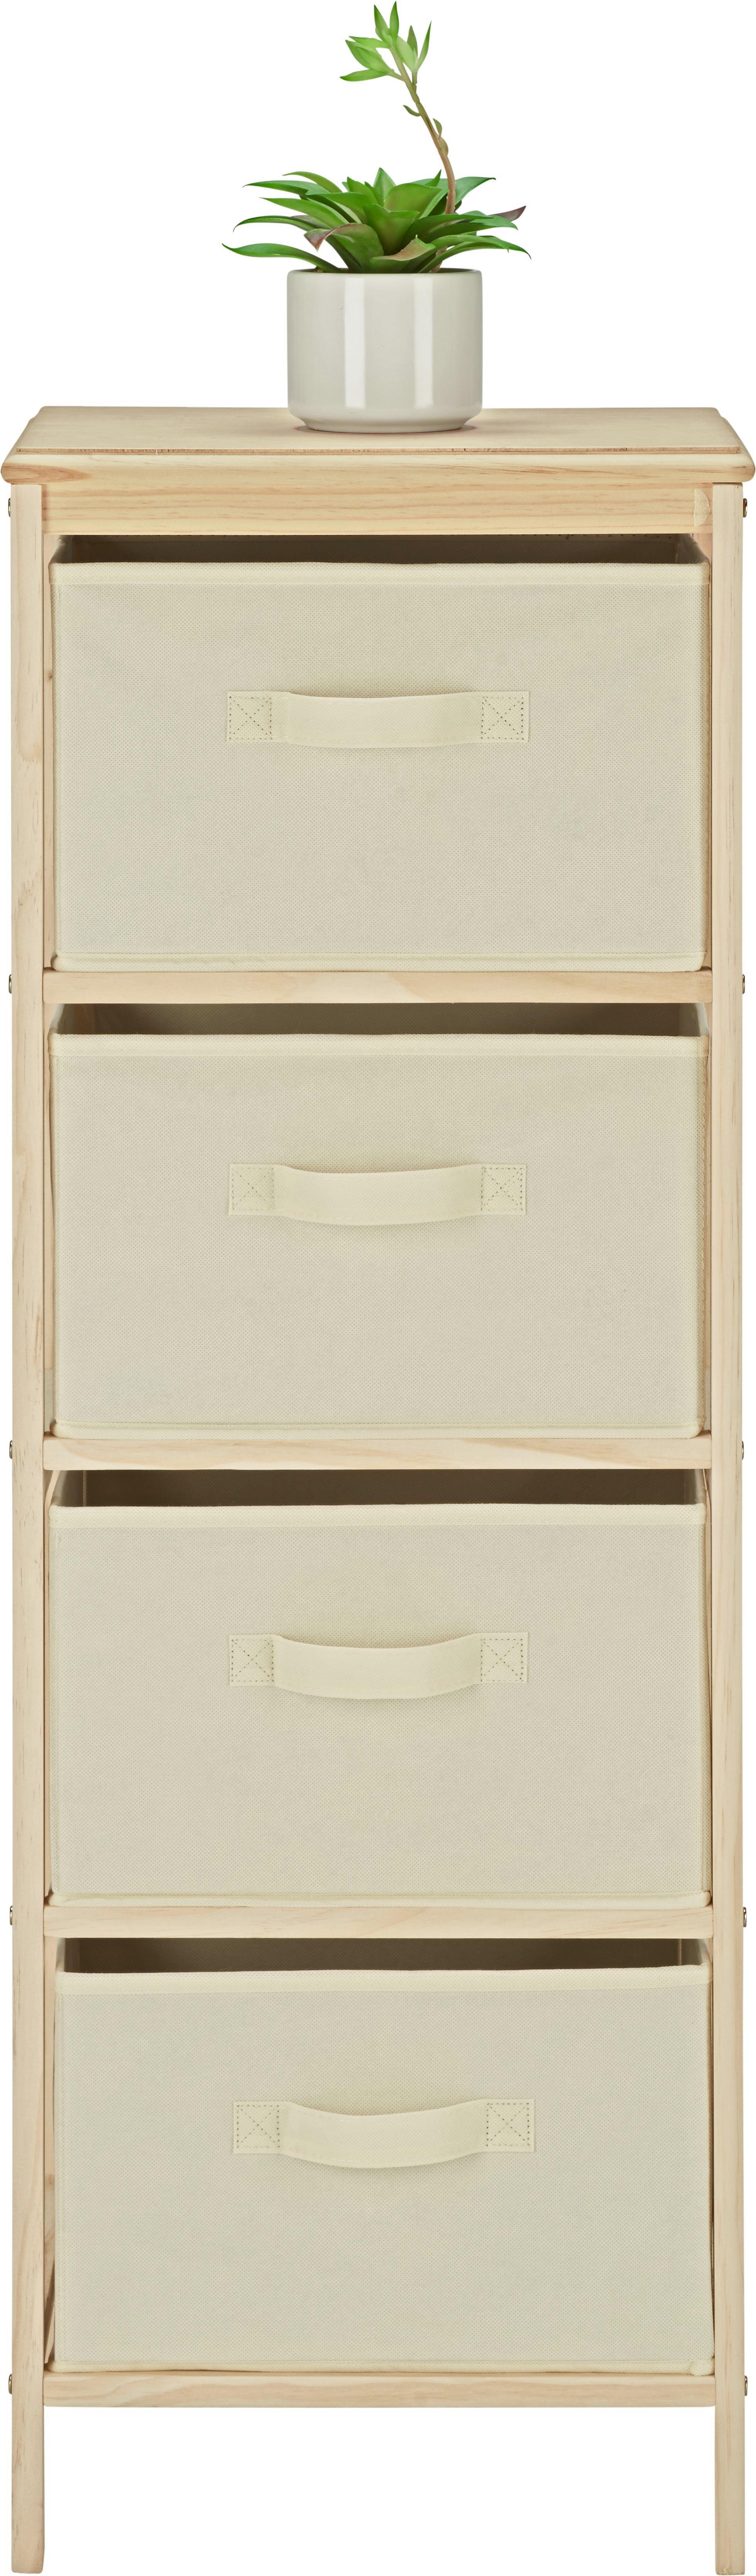 Kommode in Weiß/Natur aus Kiefer - Naturfarben/Weiß, MODERN, Holz/Textil (37/103/30cm) - MÖMAX modern living